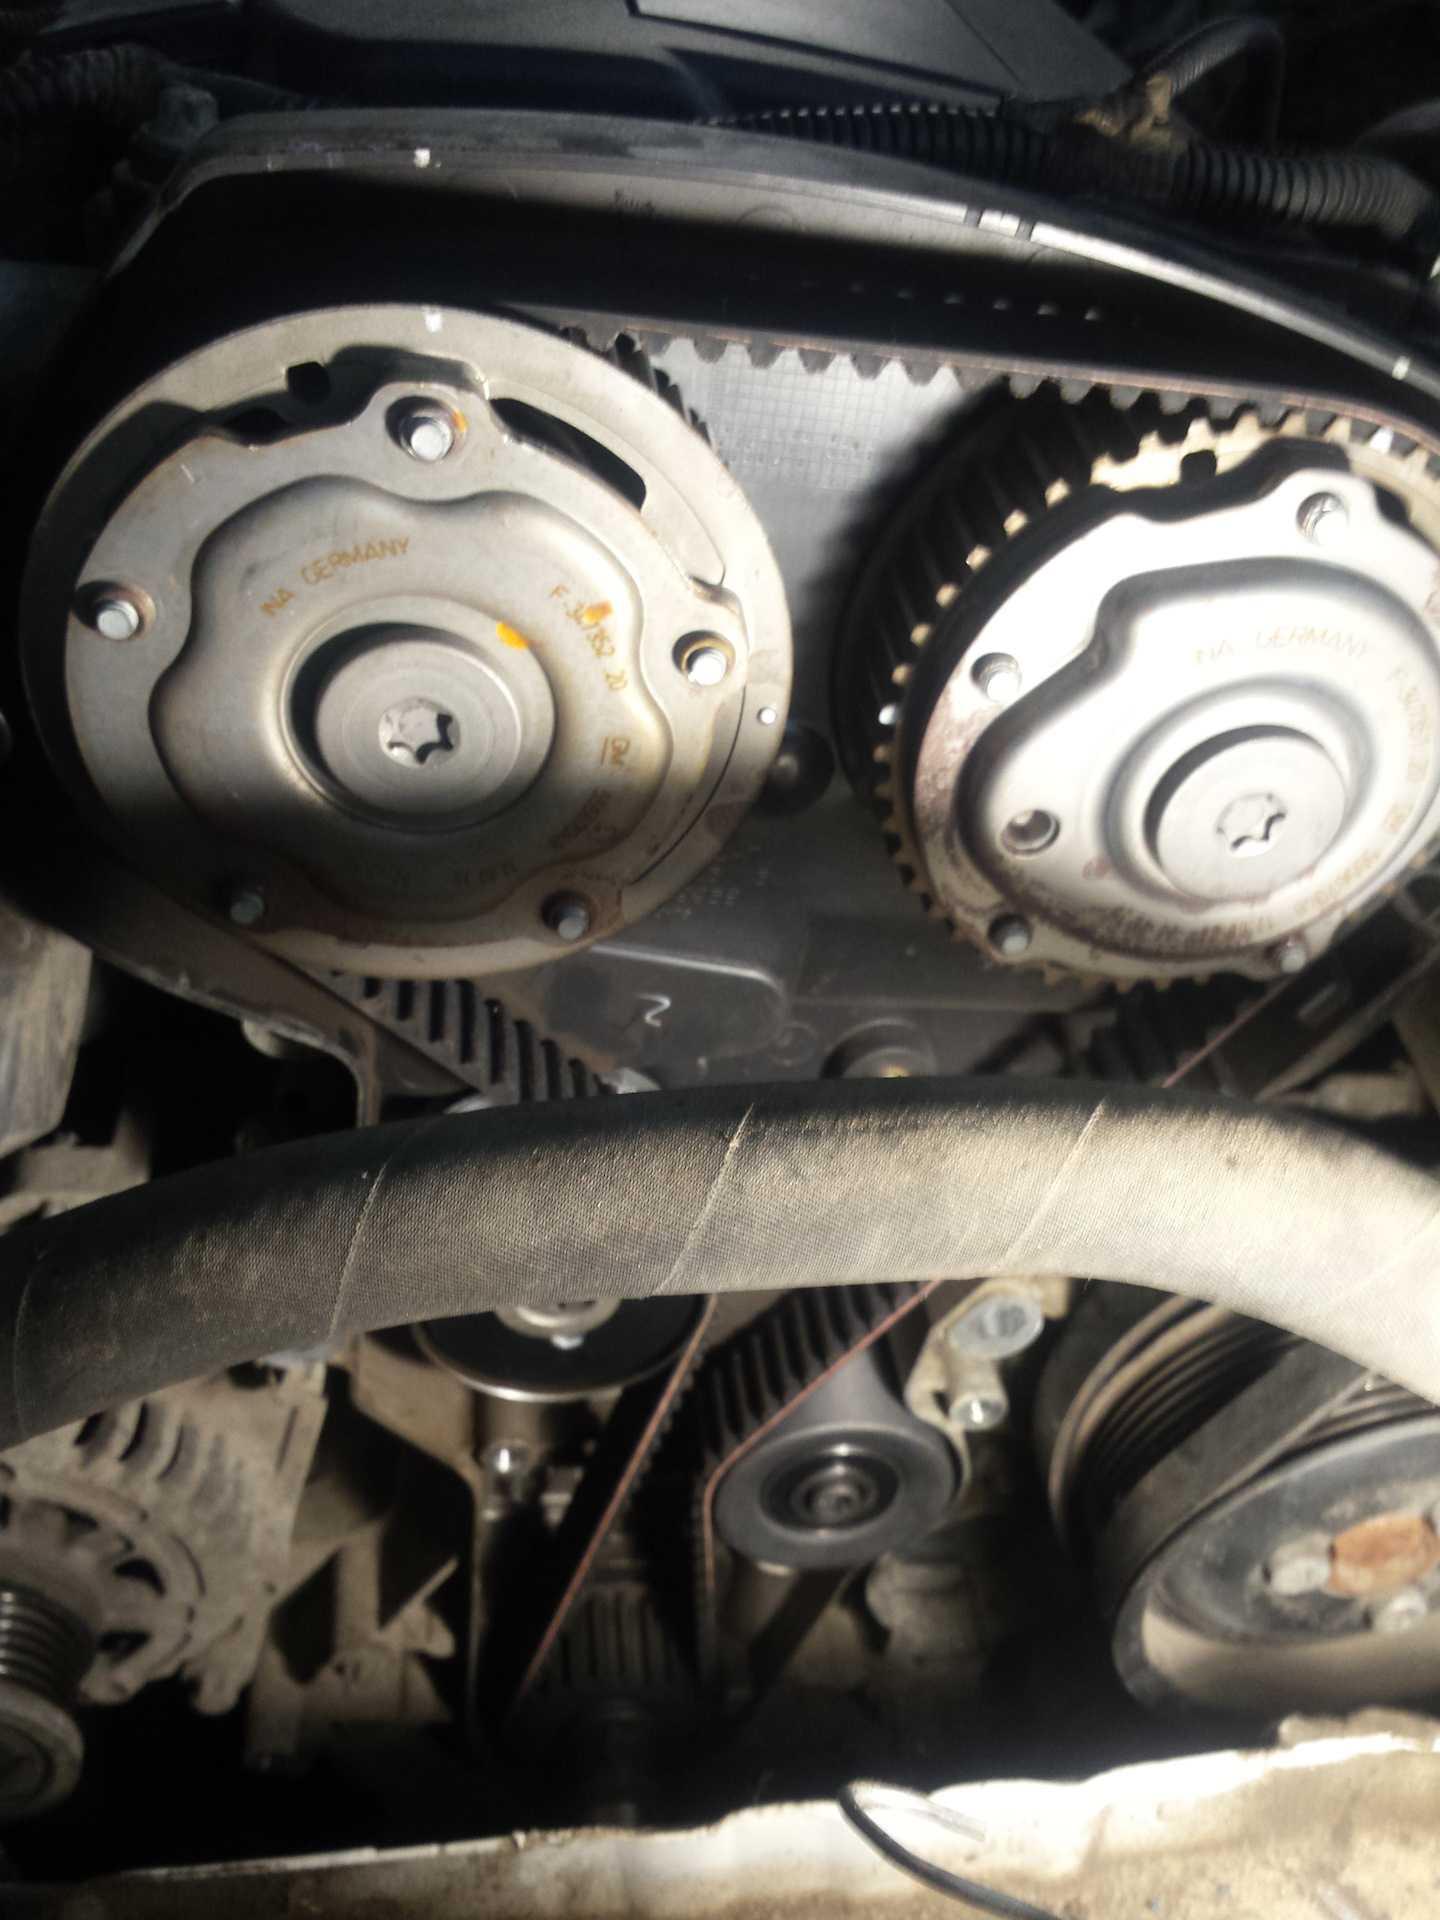 Двигатель f16d4 chevrolet, opel, технические характеристики, какое масло лить, ремонт двигателя f16d4, доработки и тюнинг, схема устройства, рекомендации по обслуживанию